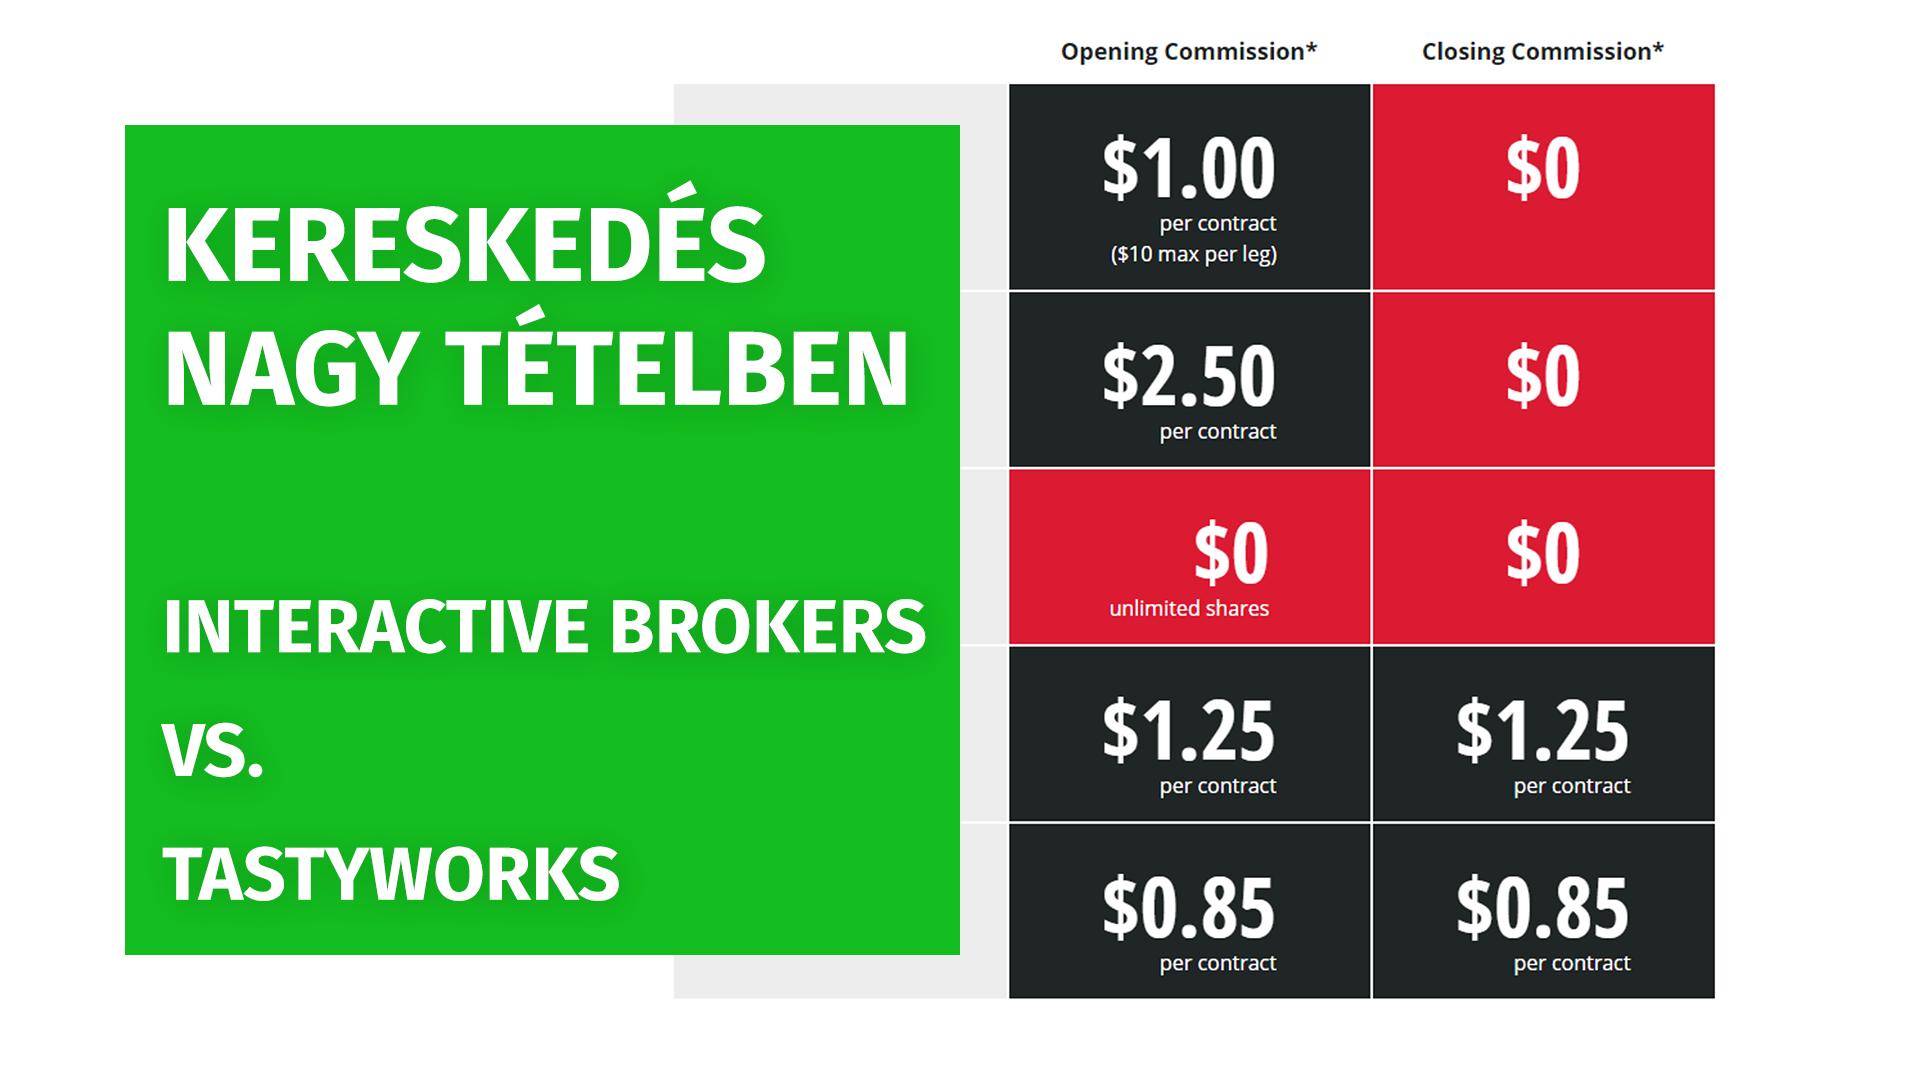 Opciós kereskedés: Nyitott vagy a kereskedés magasiskolájára? - Pénzügyi Tudakozó